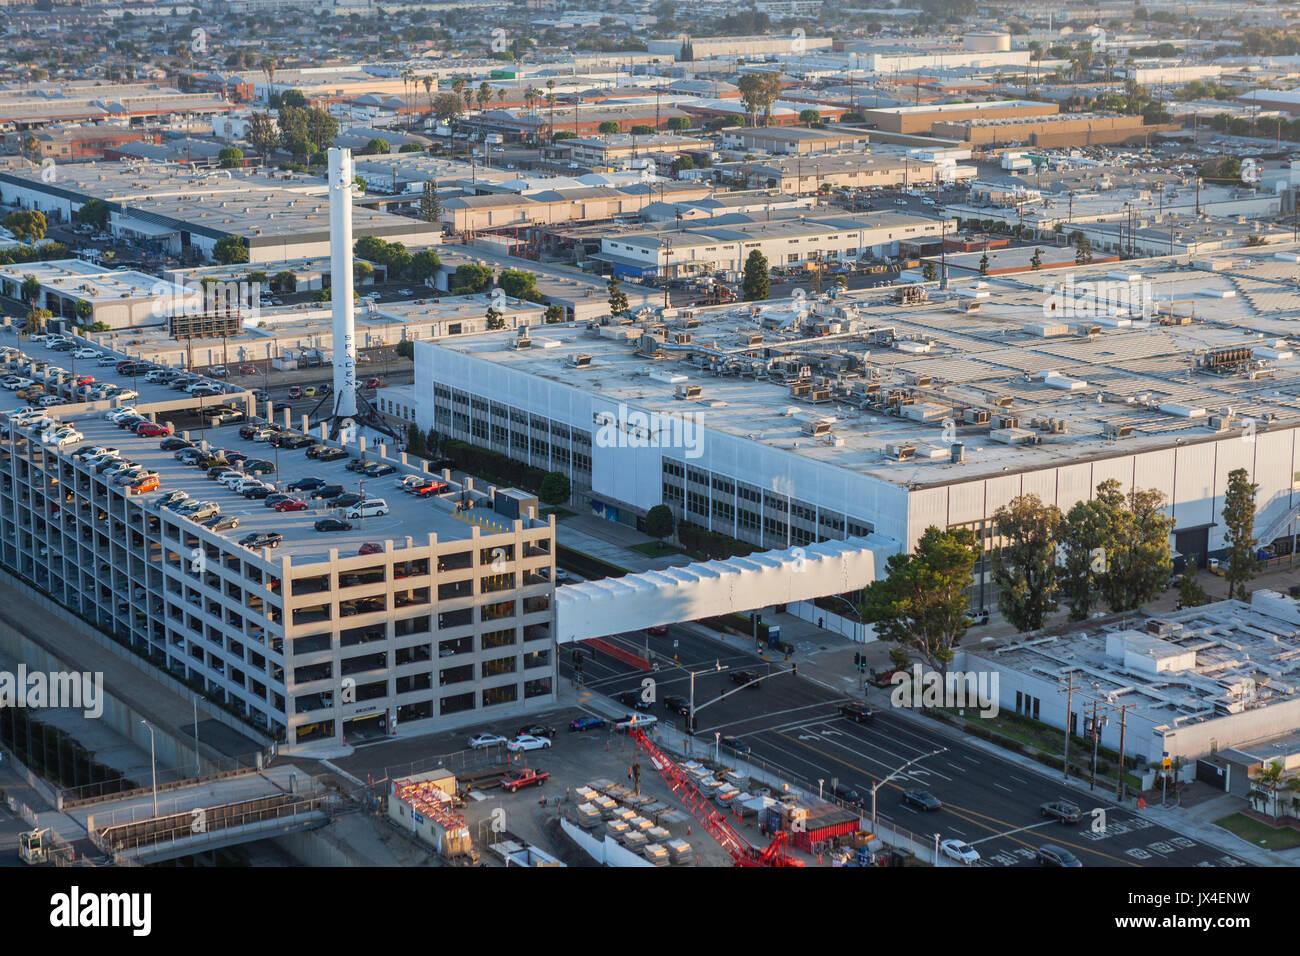 In Hawthorne, Kalifornien, USA - 7. August 2017: Luftaufnahme der SPACEX Hauptsitz und Rakete Herstellung Gebäude. Stockbild